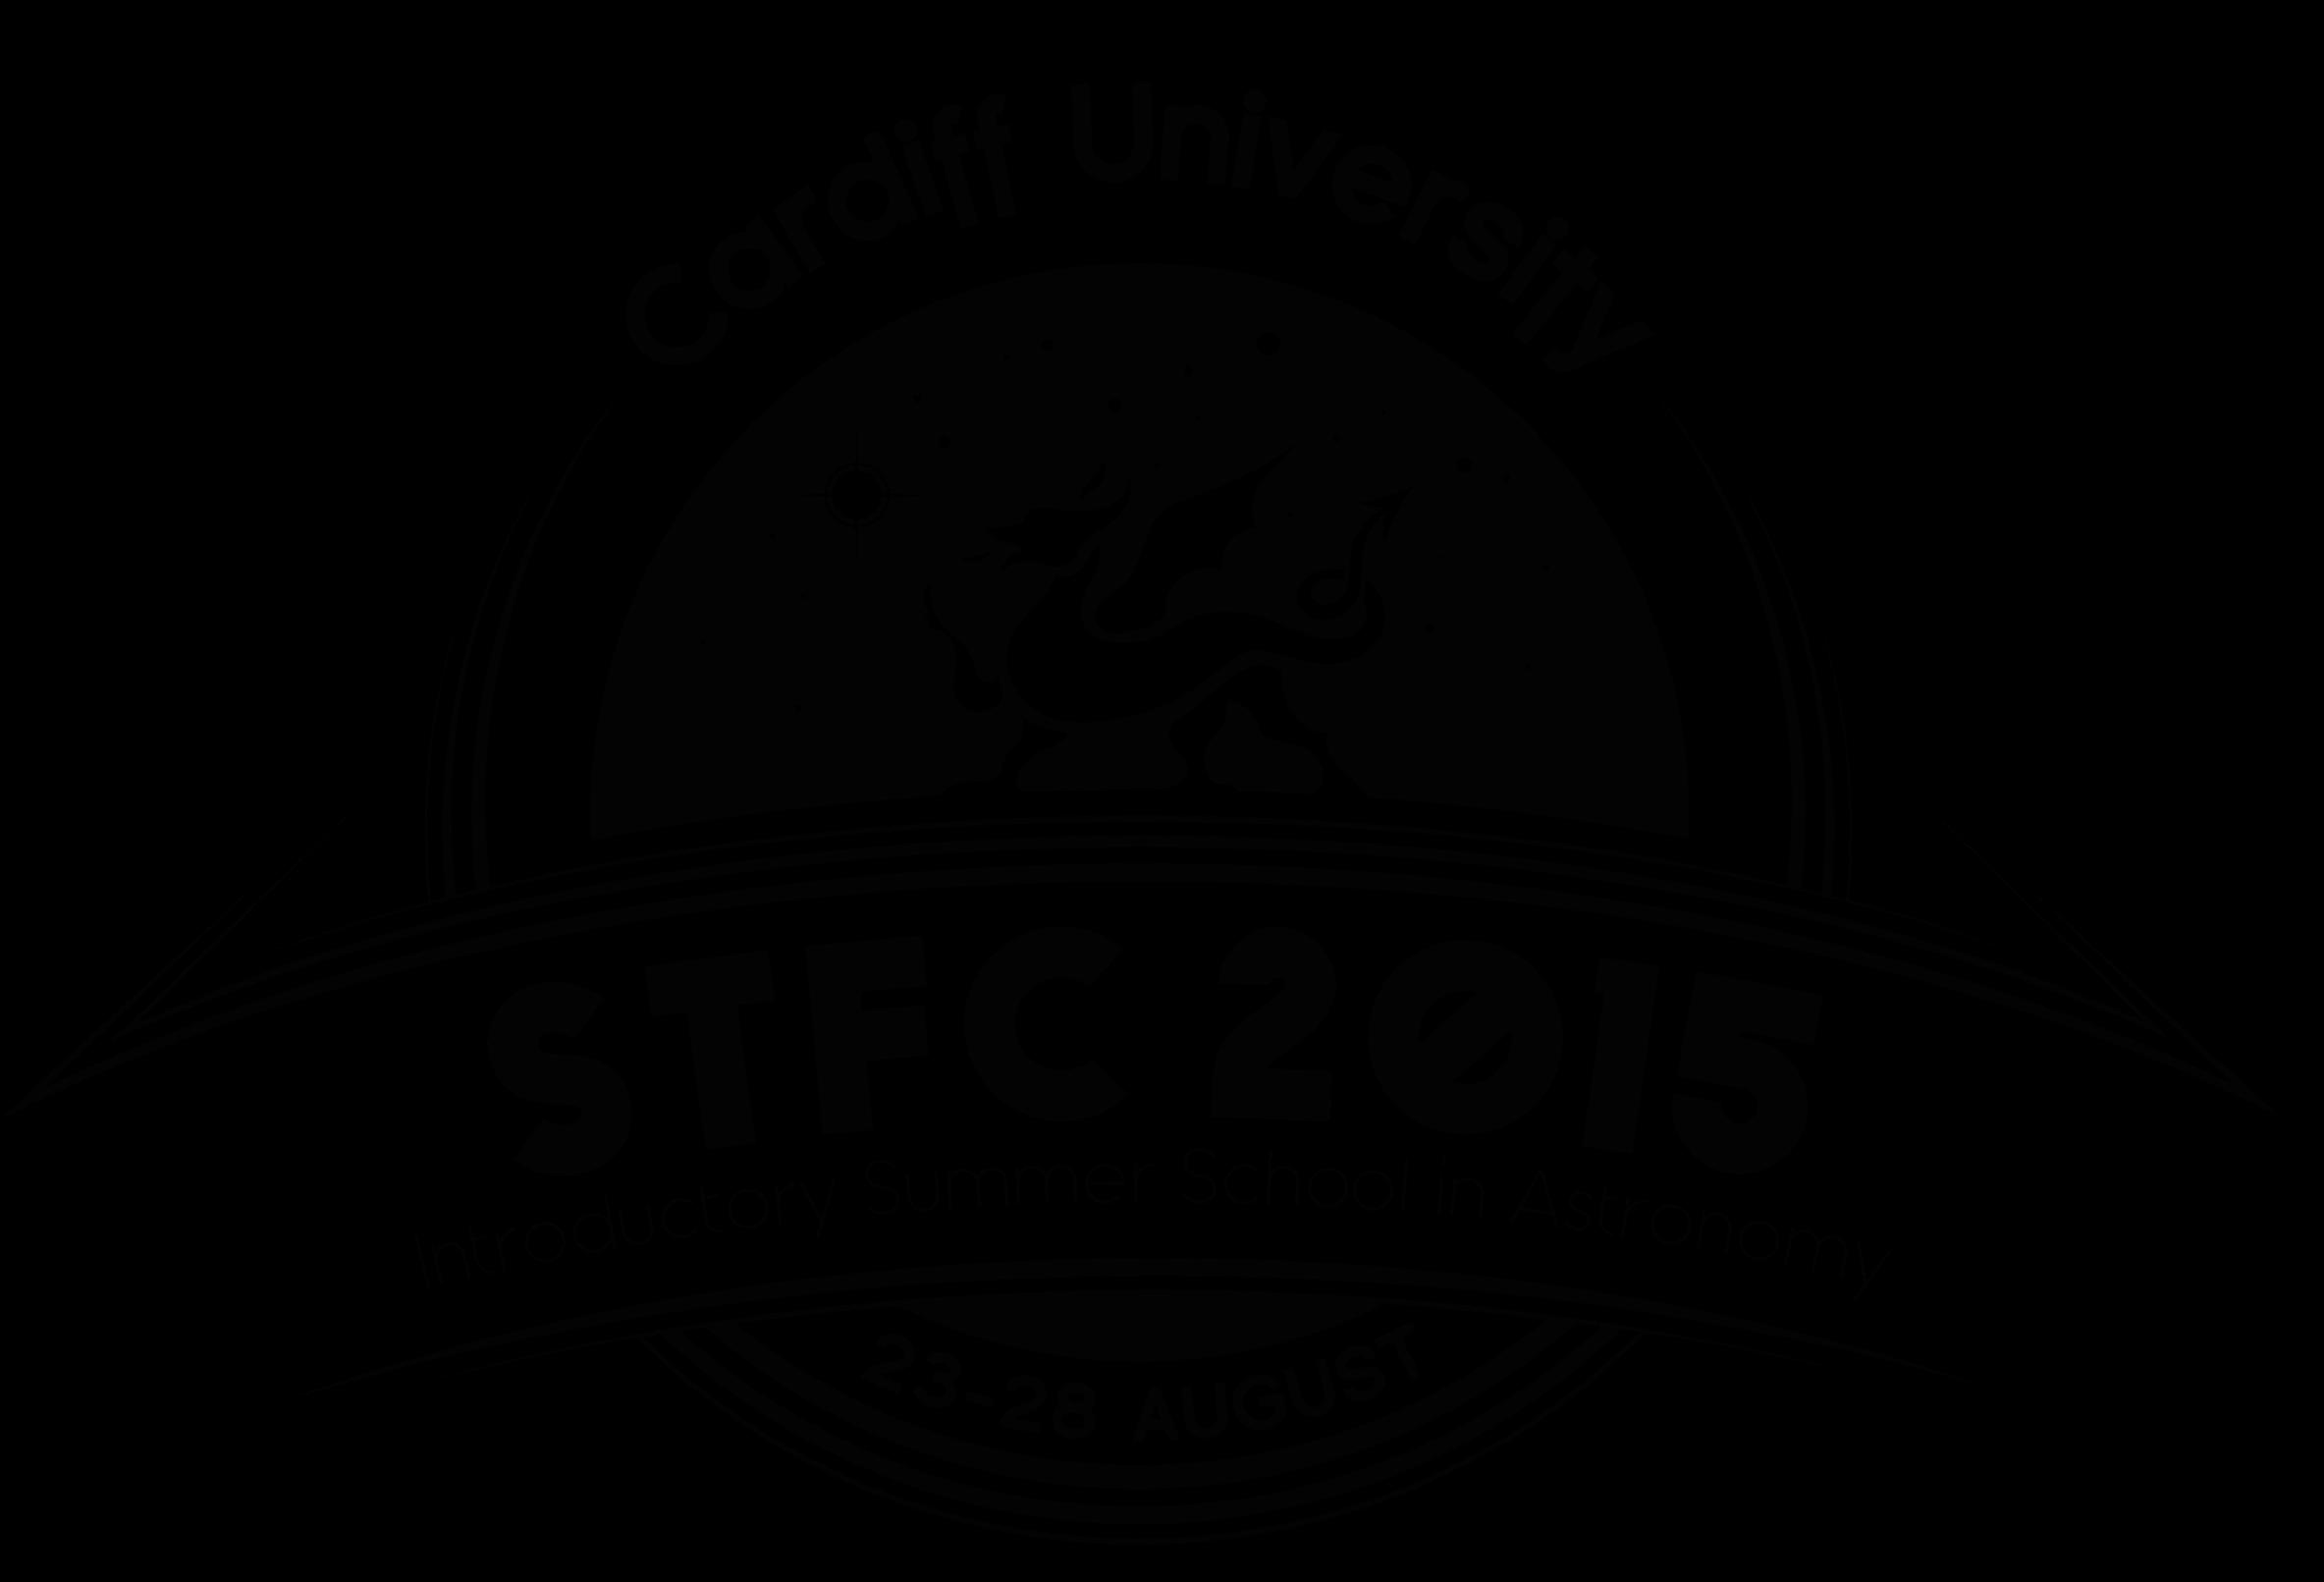 STFC_logo_final-02-sm